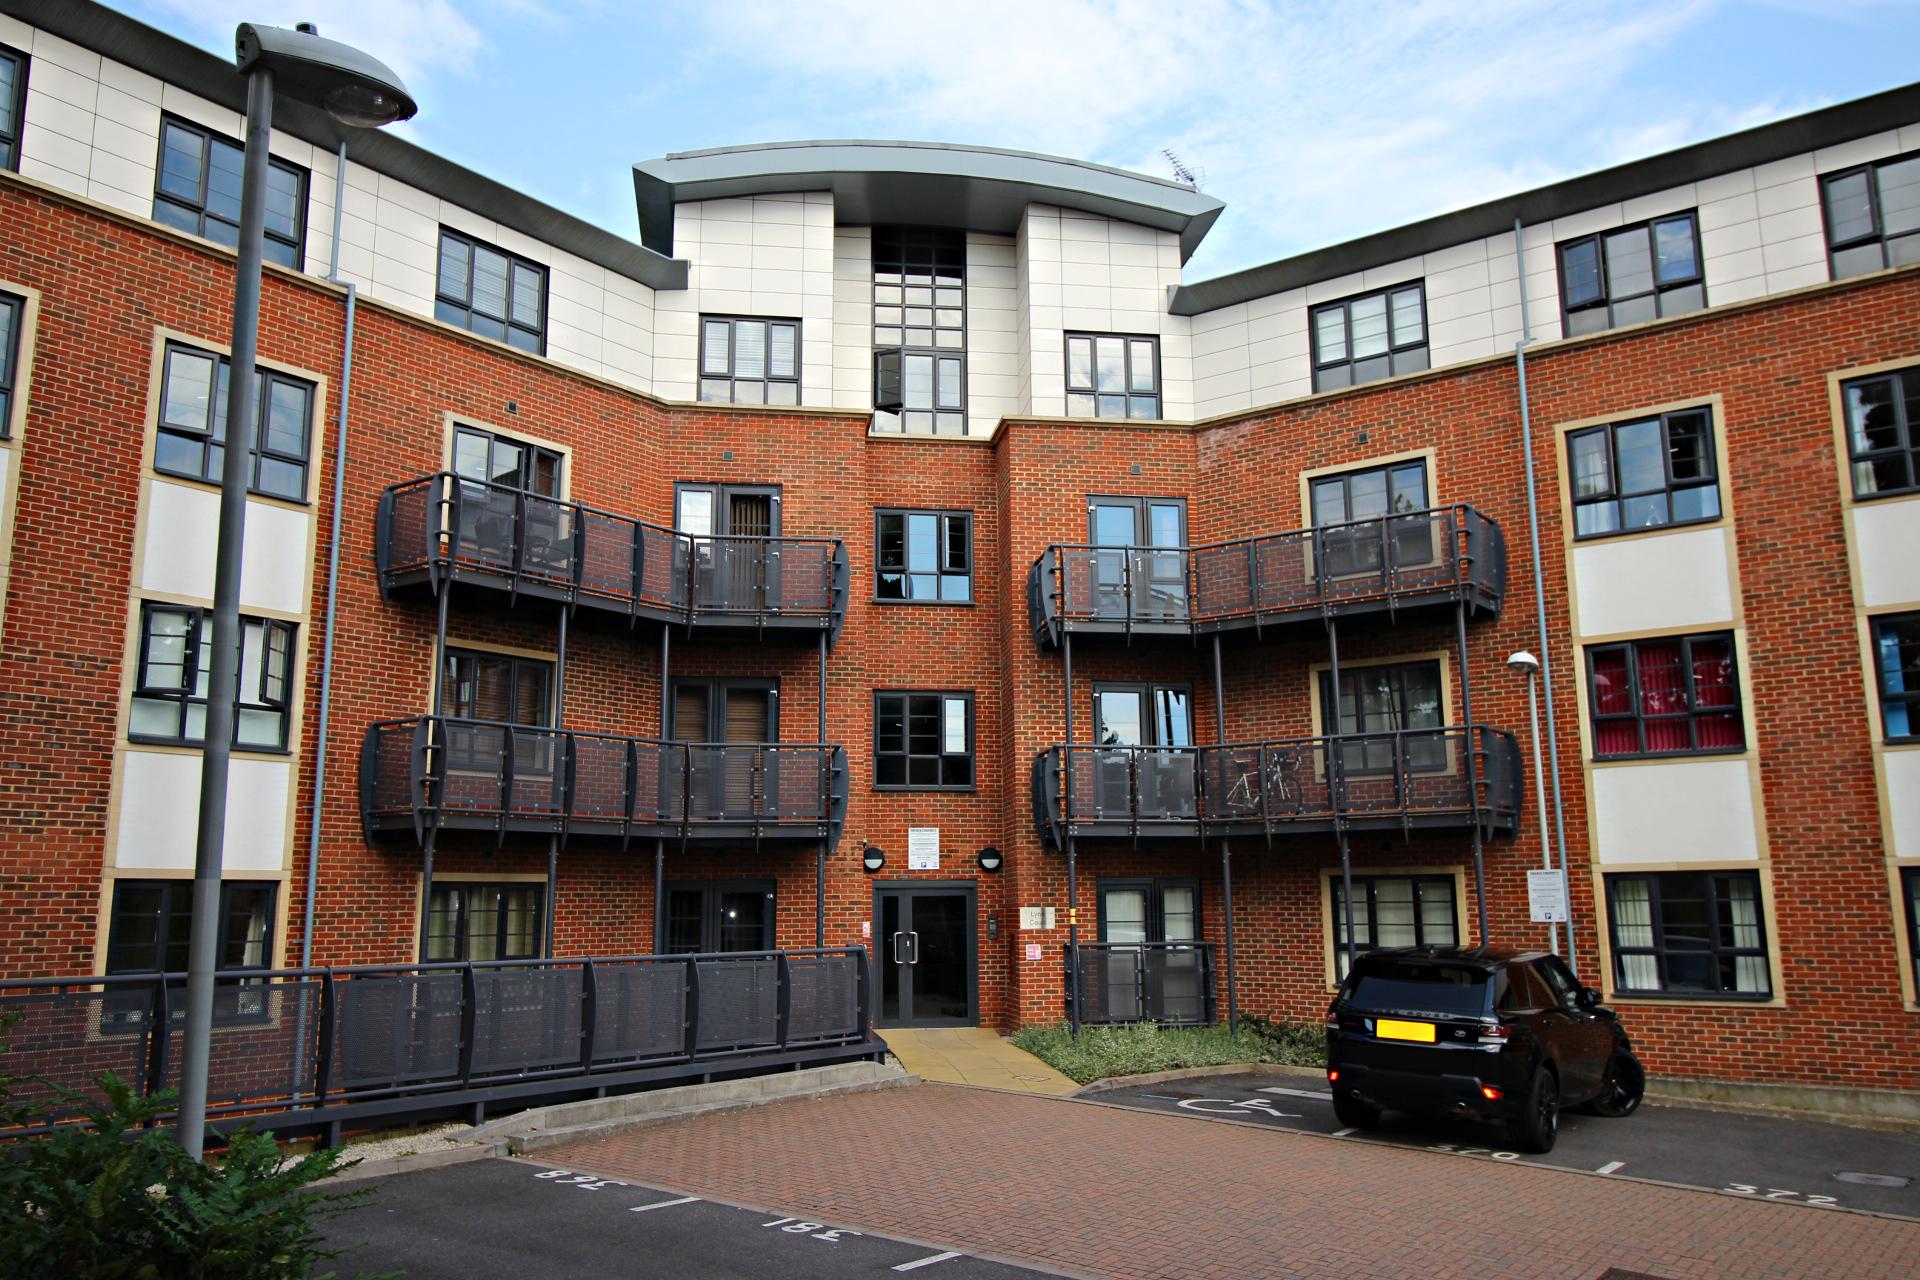 estate agents in farnborough hampshire, lettings agents farnborough hampshire, estate agents farnborough, lettings farnborough